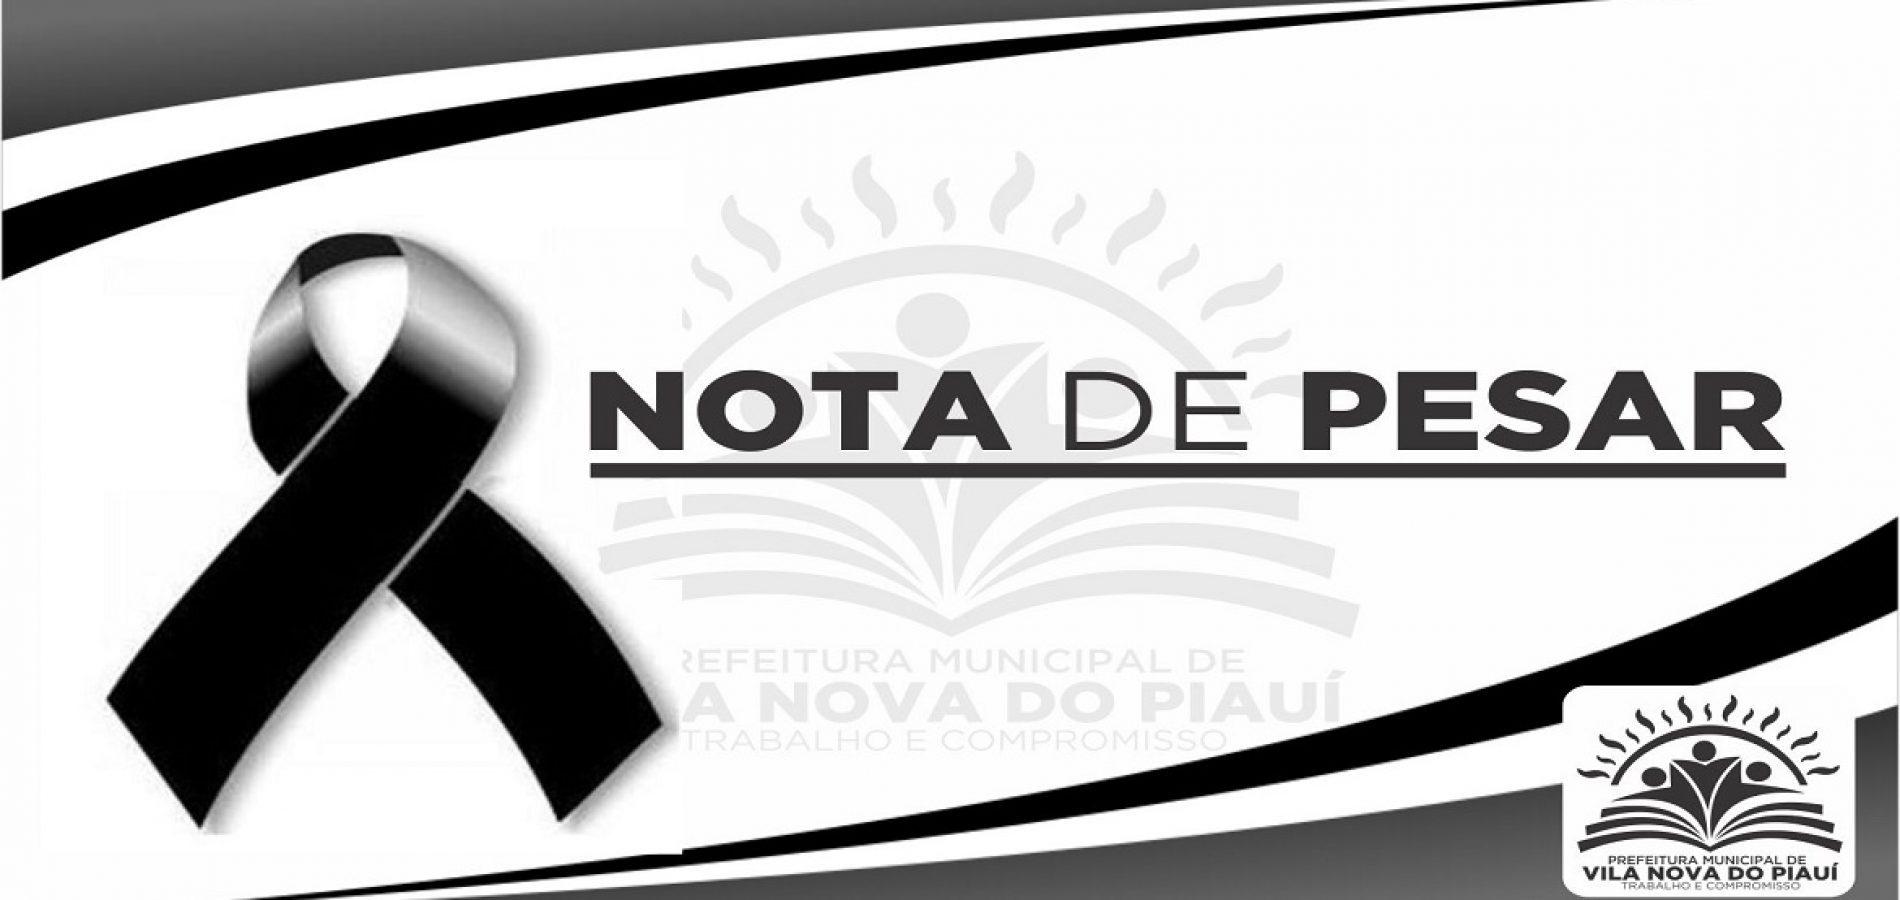 VILA NOVA | Falece aos 80 anos, o empresário 'Zezim de João Branco'; prefeito emite nota de pesar